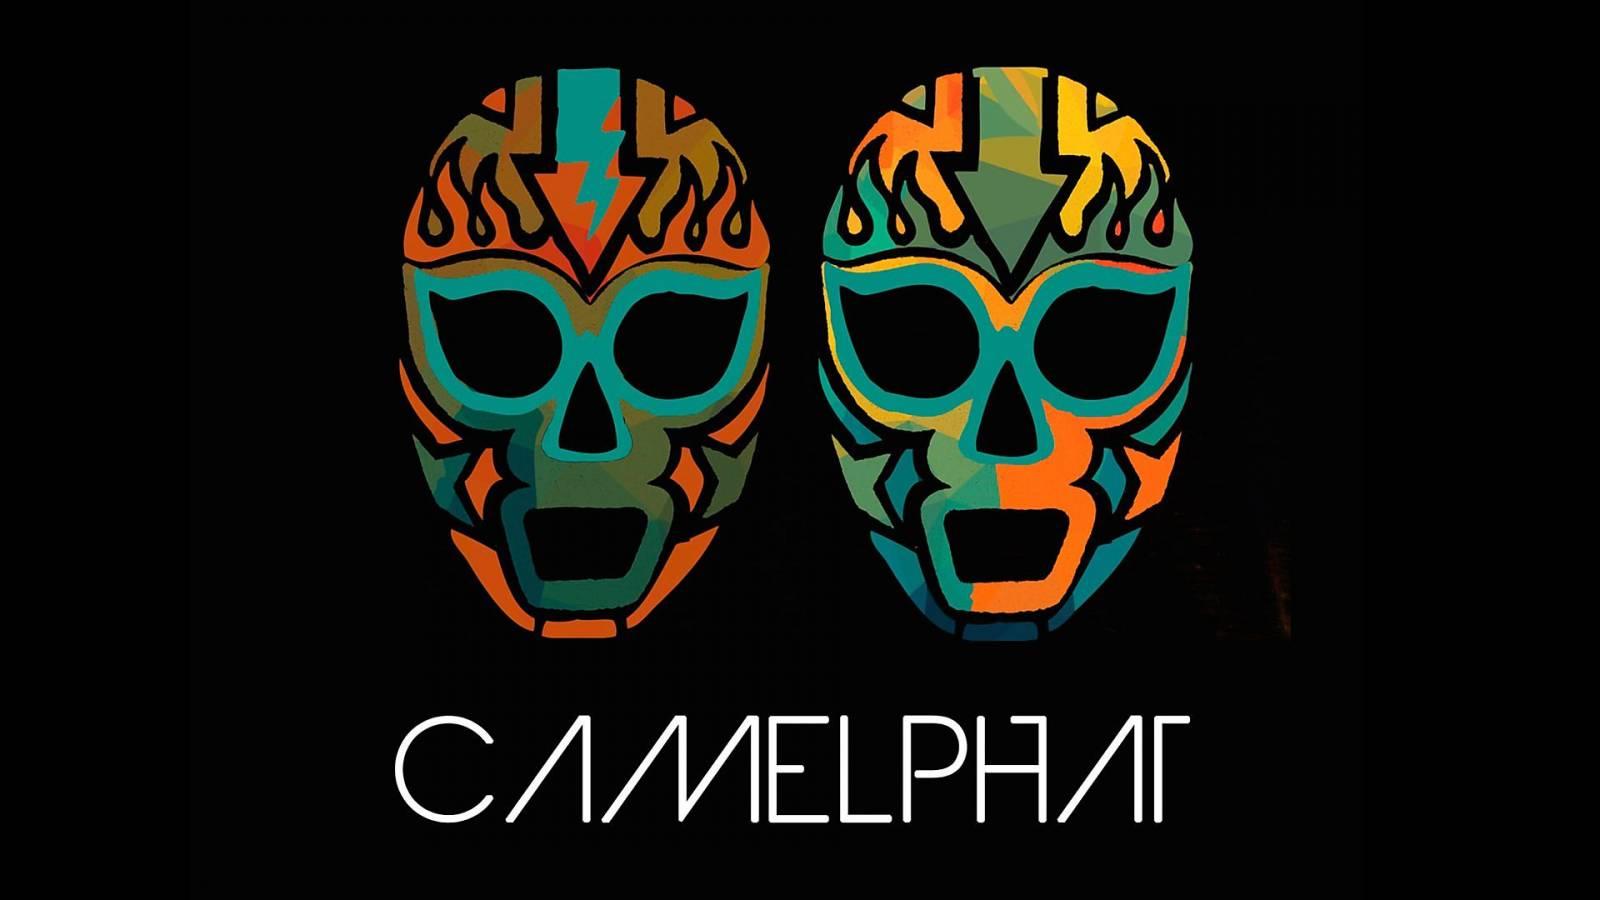 CamelPhat přivezou v únoru do Roxy hit Cola a čistou energii